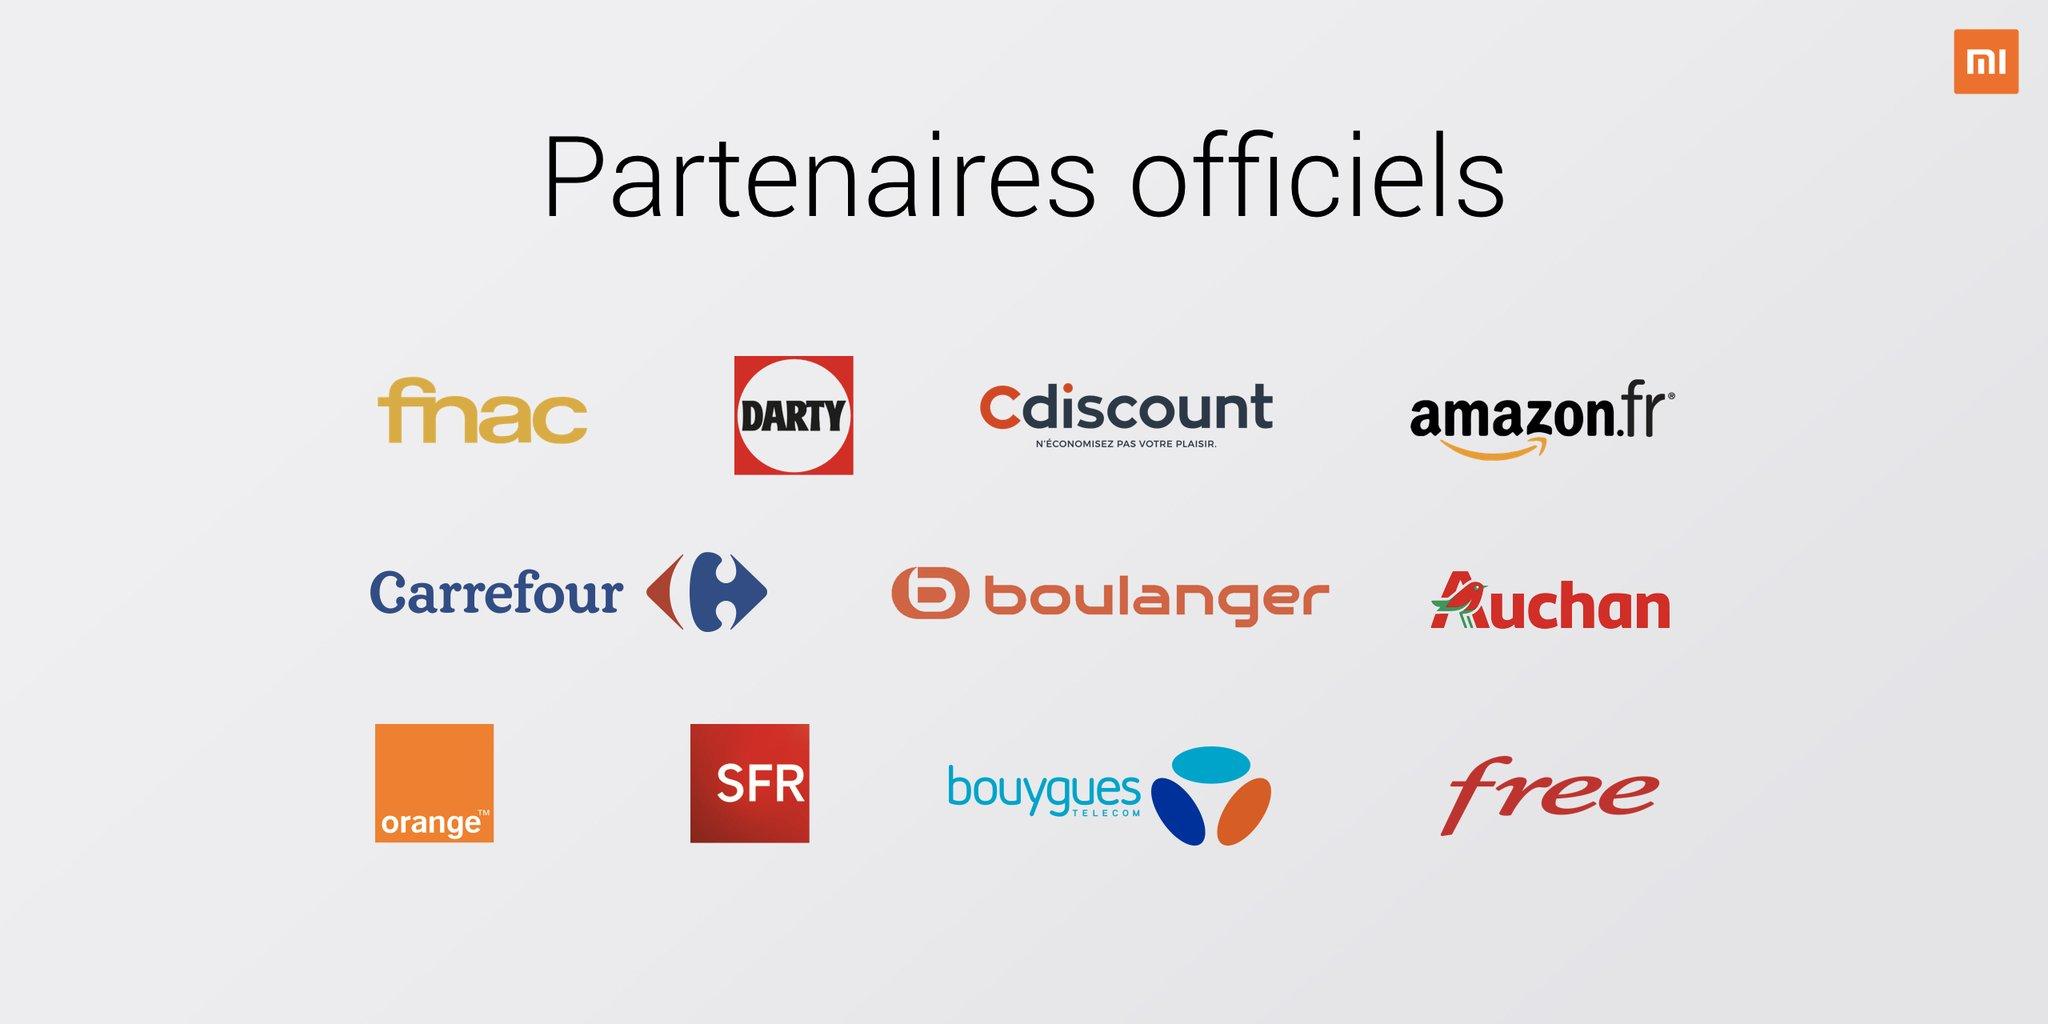 Xiaomi est enfin disponible officiellement sur Amazon, Fnac, Darty, Cdiscount, Carrefour, Boulanger, Auchan et Leclerc